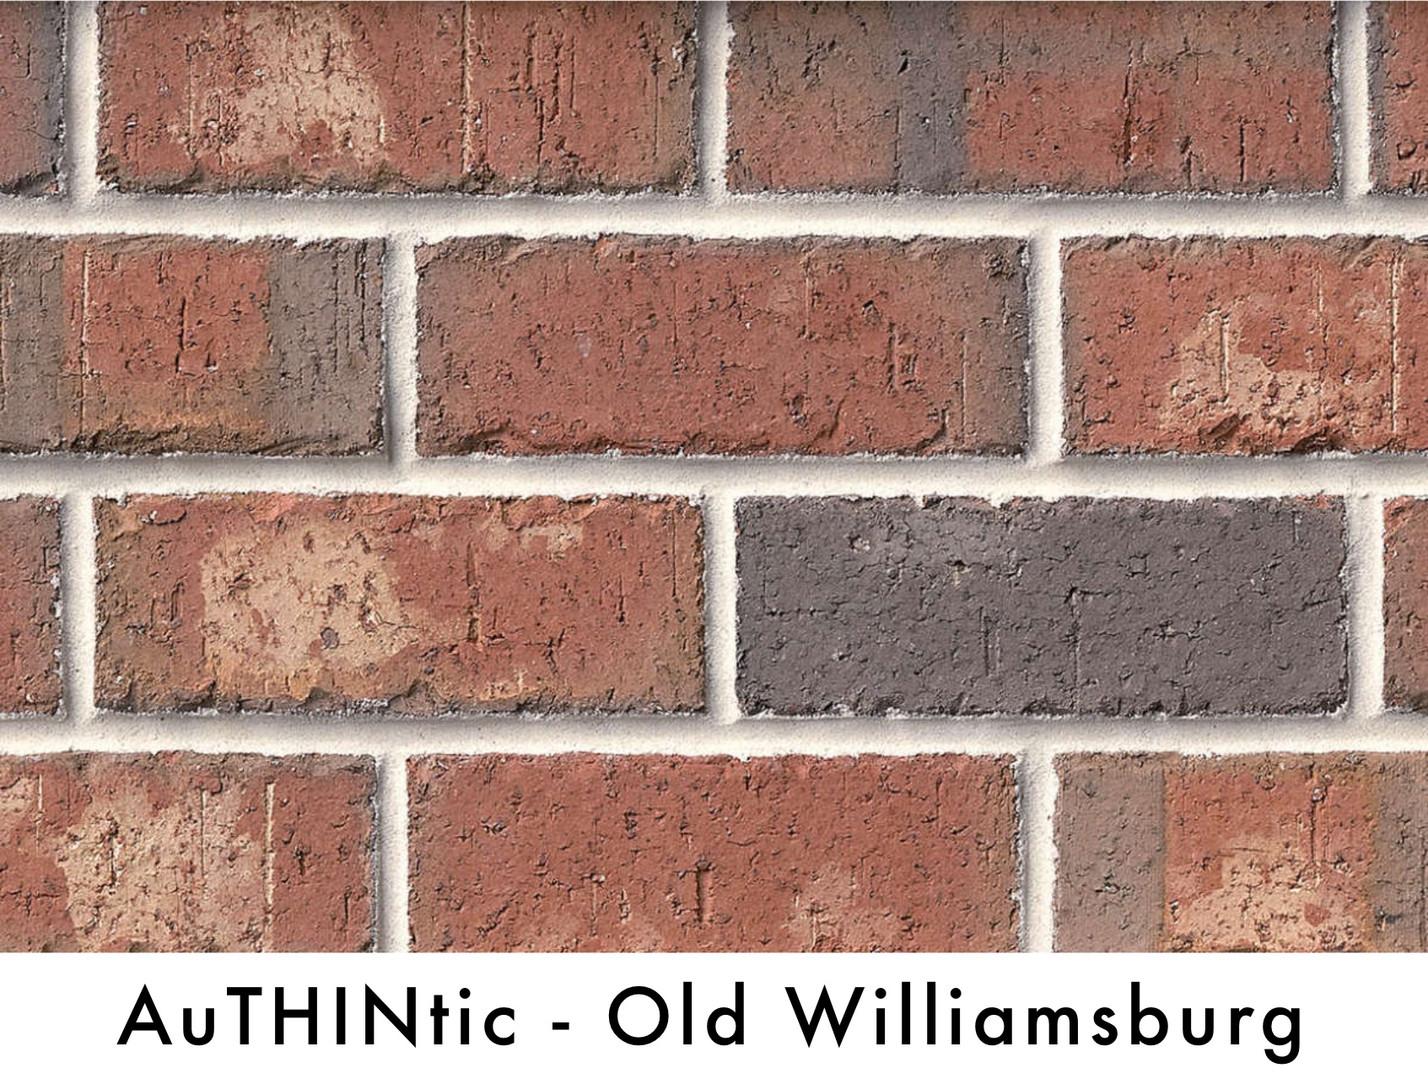 Authintic Brick - Old Williamsburg